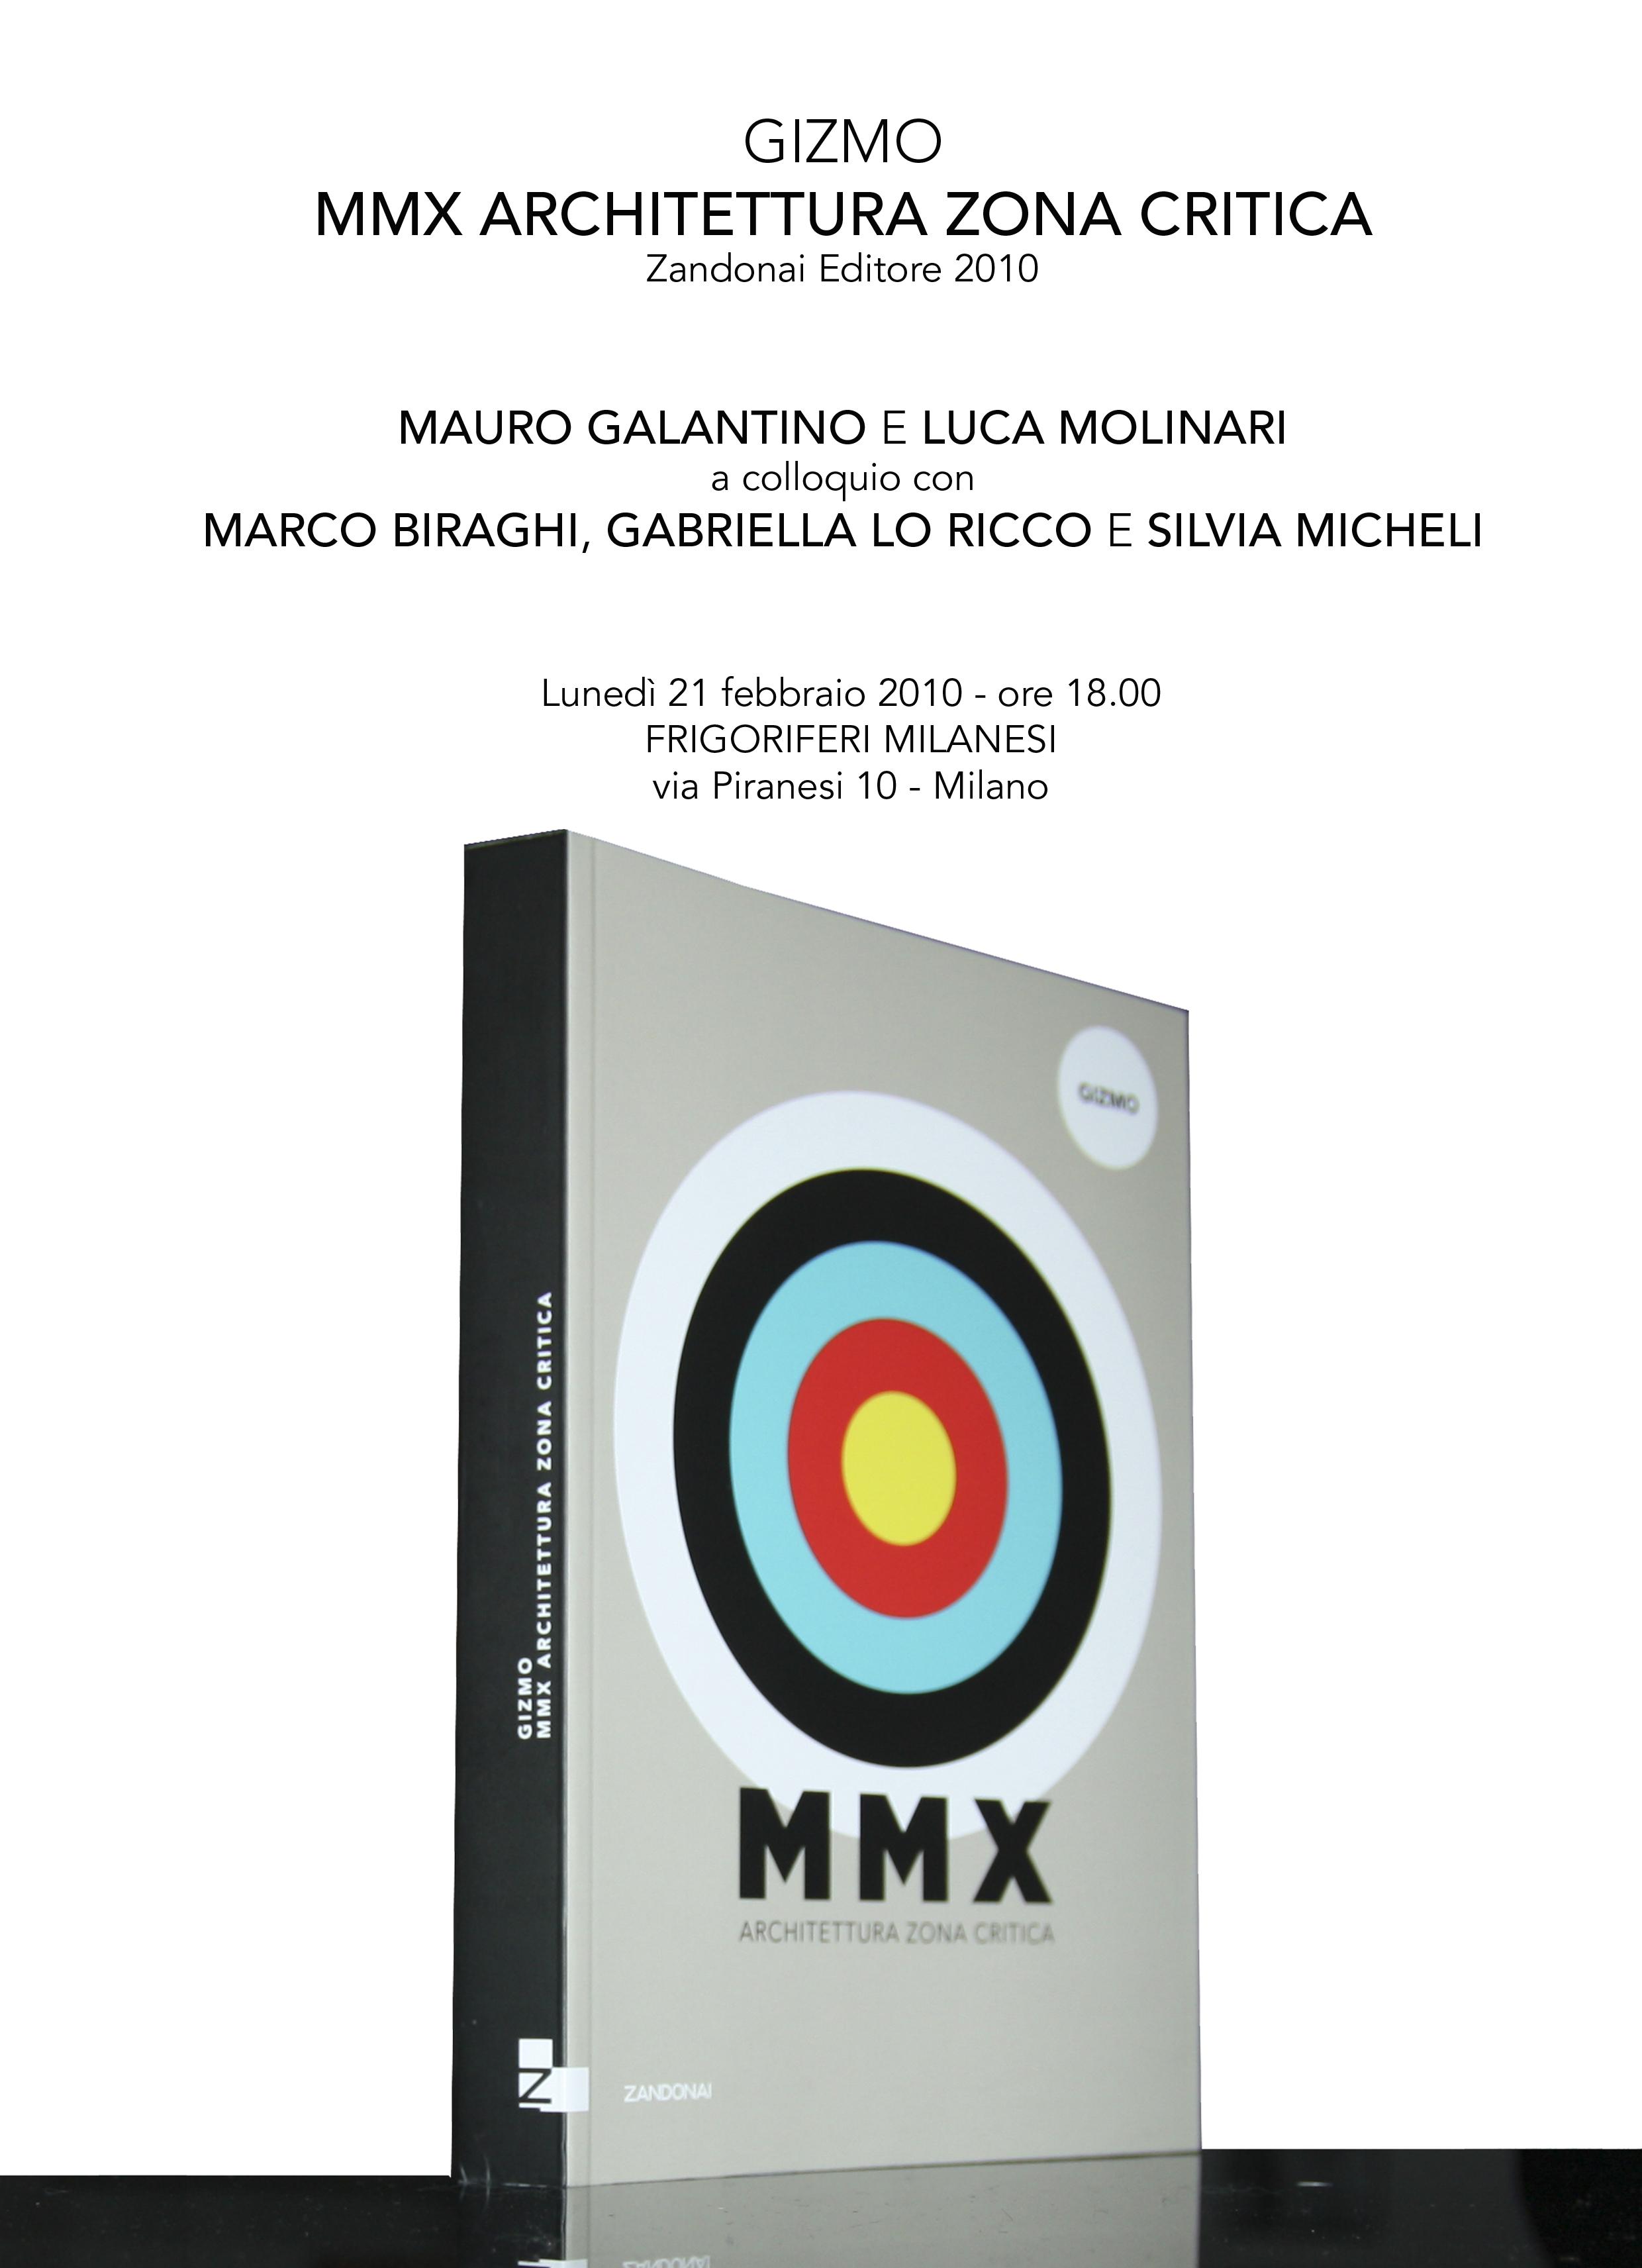 MMX ai Frigoriferi milanesi